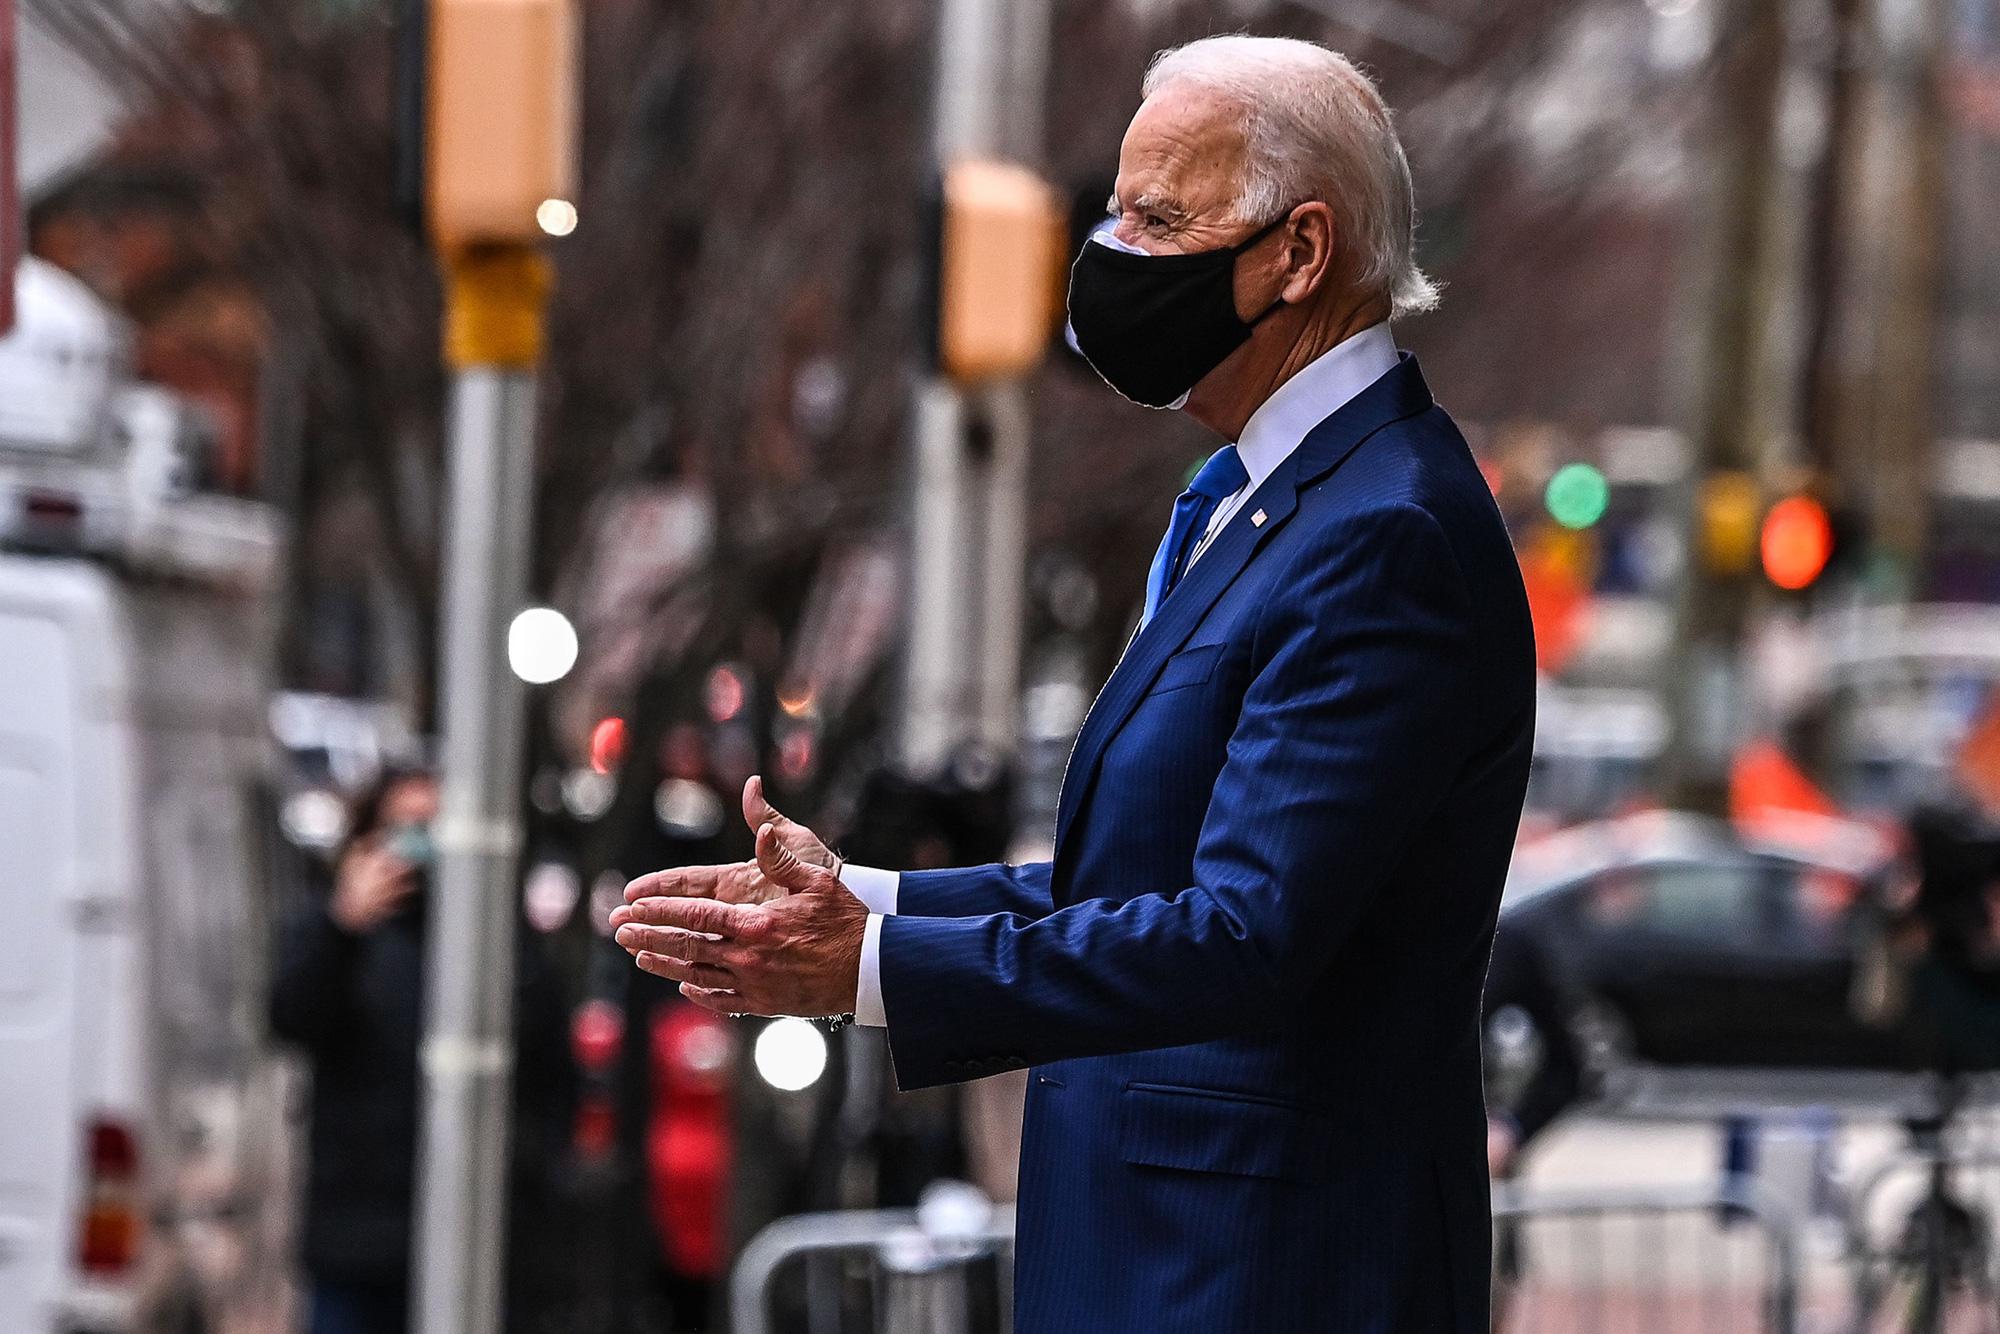 Chính sách kinh tế của Biden sẽ xóa sổ 3,7 triệu việc làm của nước Mỹ - Ảnh 1.